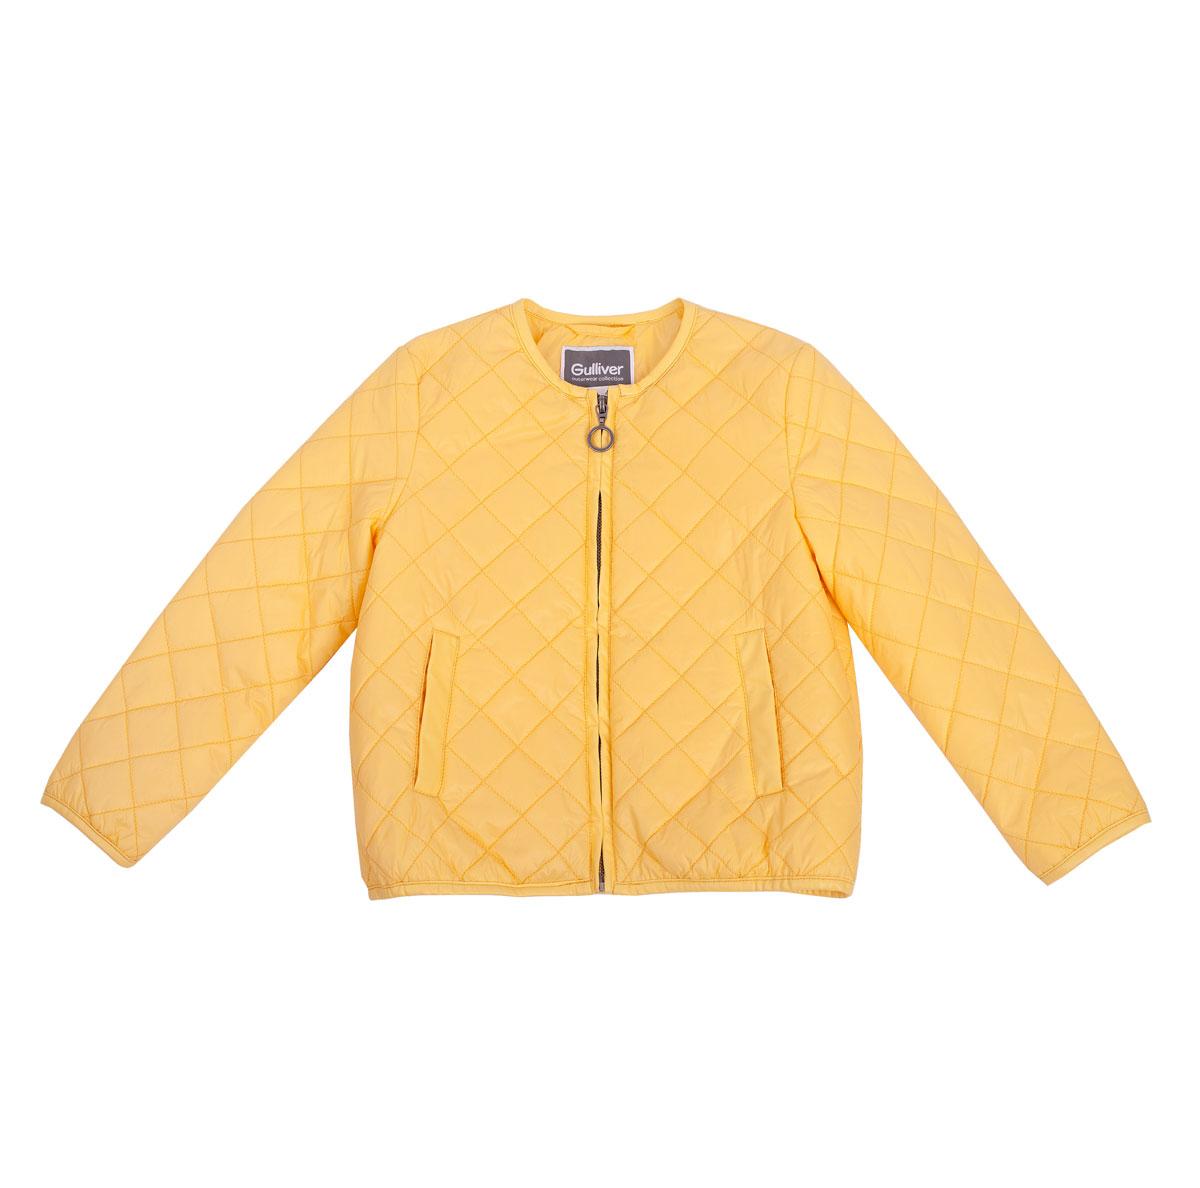 Куртка для девочки Голубая стрекоза. 11602GMC400311602GMC4003Яркая стеганая куртка для девочки Gulliver Голубая стрекоза идеально подойдет для ребенка в прохладную погоду. Модель изготовлена из нейлона. Текстильная подкладка со значительным содержанием хлопка создает комфорт и удобство в повседневной носке. В качестве утеплителя используется синтепон, который отлично сохраняет тепло. Куртка с круглым вырезом горловины застегивается на металлическую молнию. Спереди расположены два втачных кармана. Модный крой, укороченный прямой силуэт, отсутствие воротника делают куртку стильной, необычной, соответствующей последним тенденциям моды. В ней маленькая принцесса всегда будет в центре внимания!